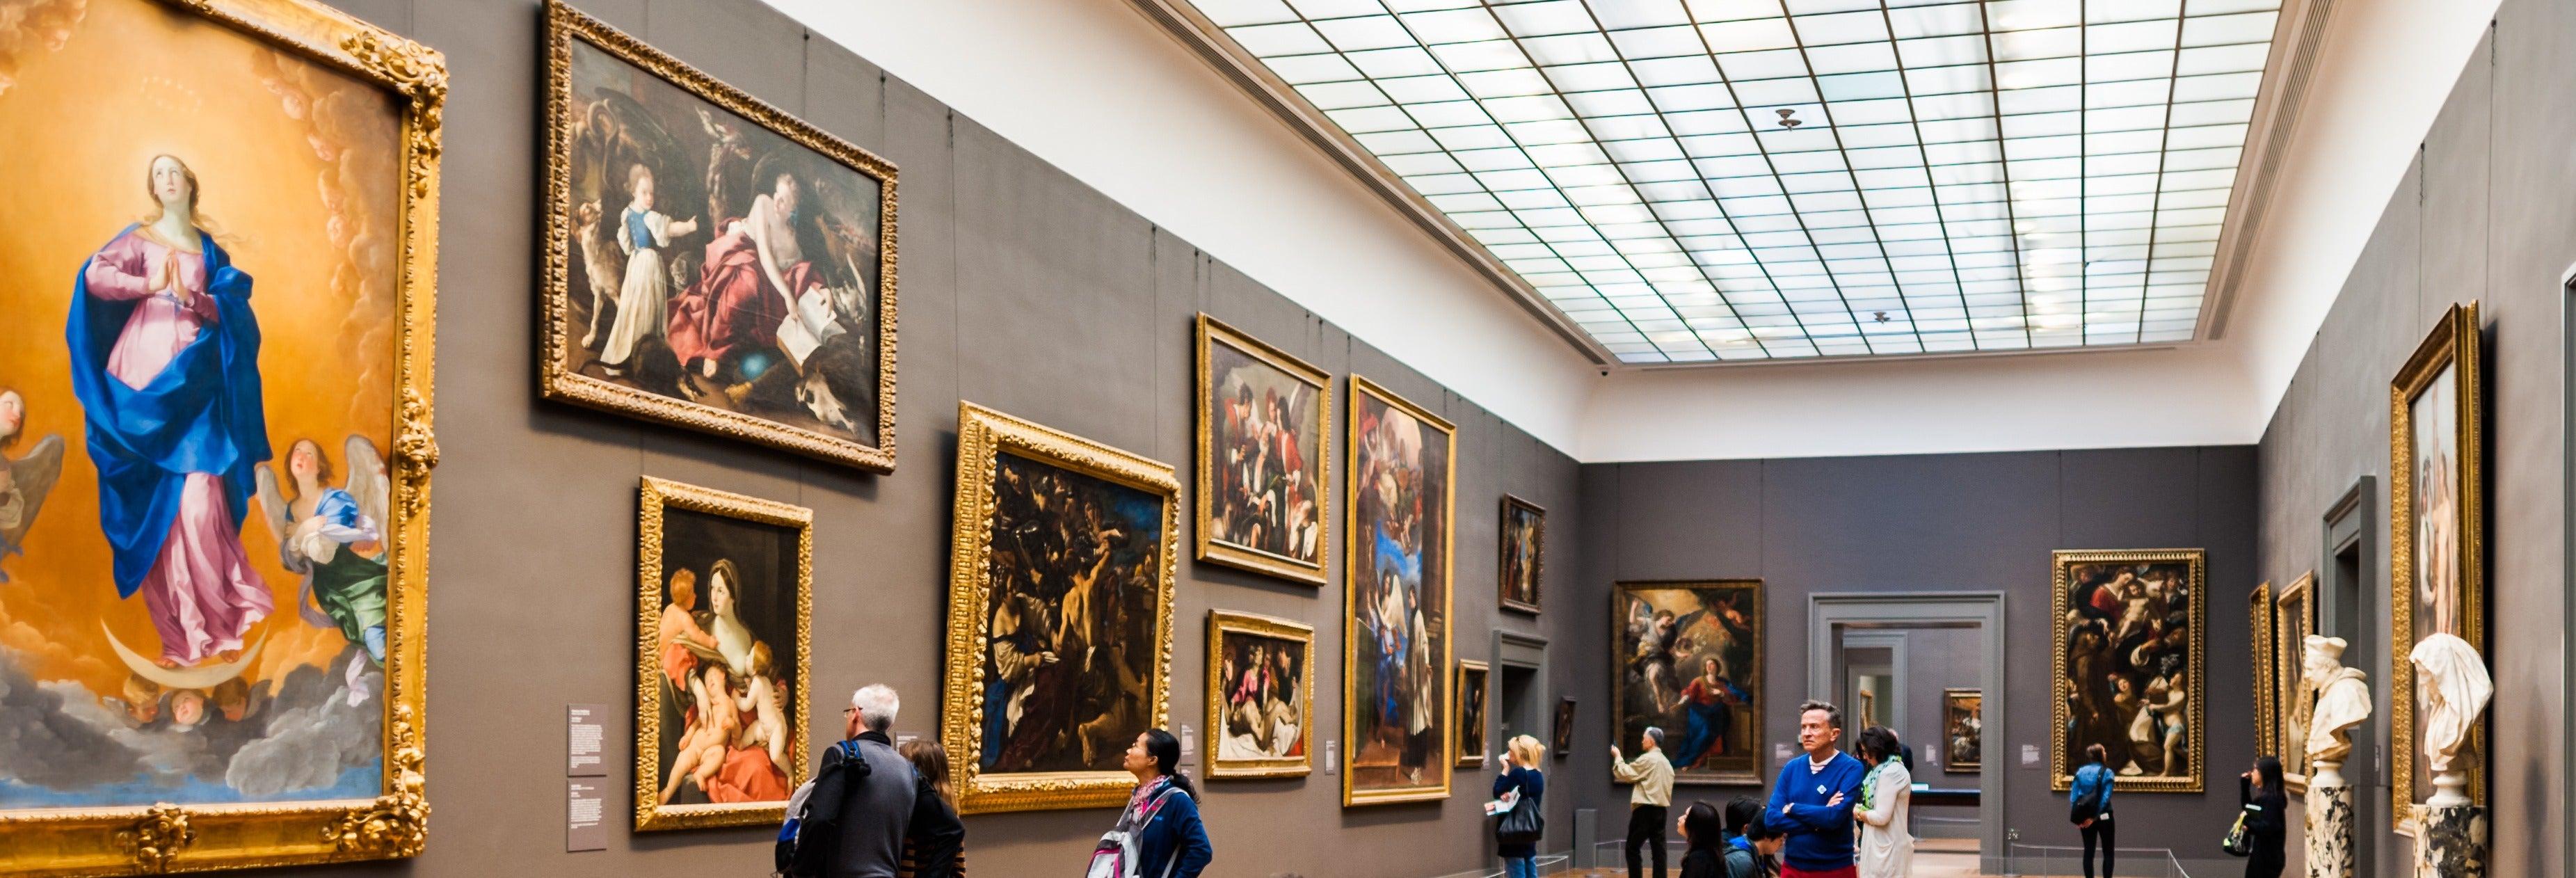 Ingresso para o Museu Metropolitano MET